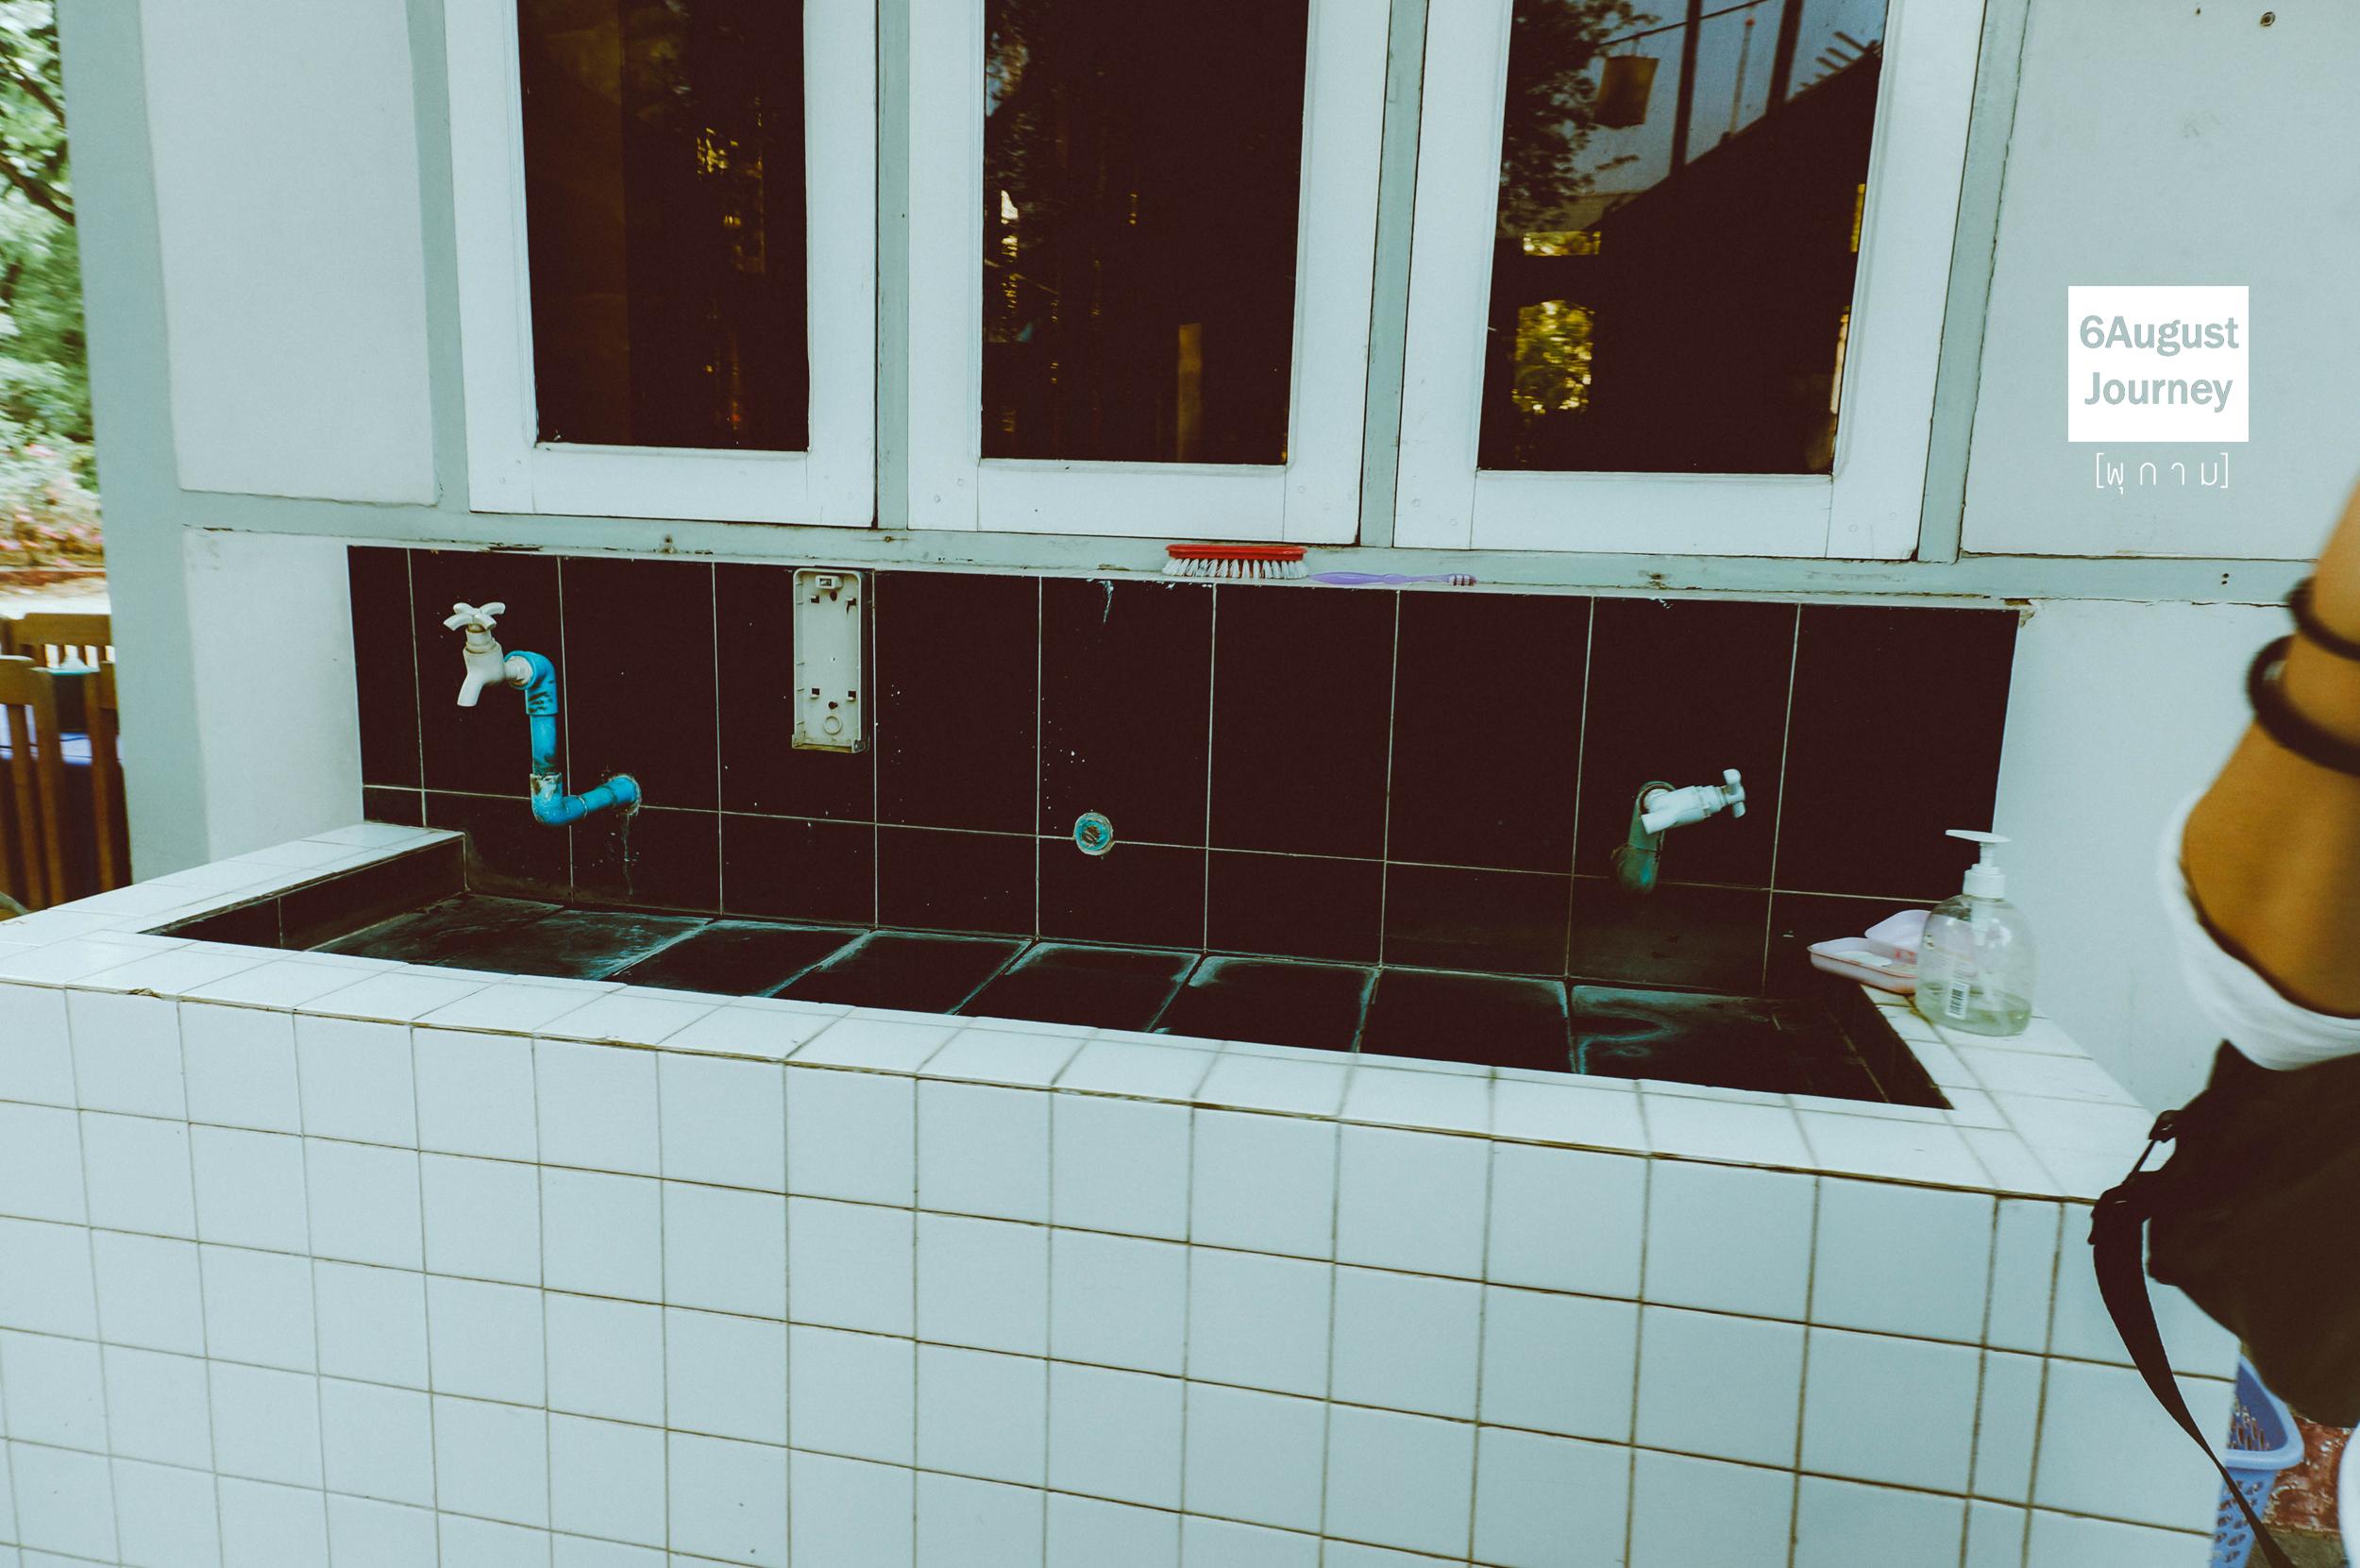 มุมล้างมืออยู่หน้าร้านเลย